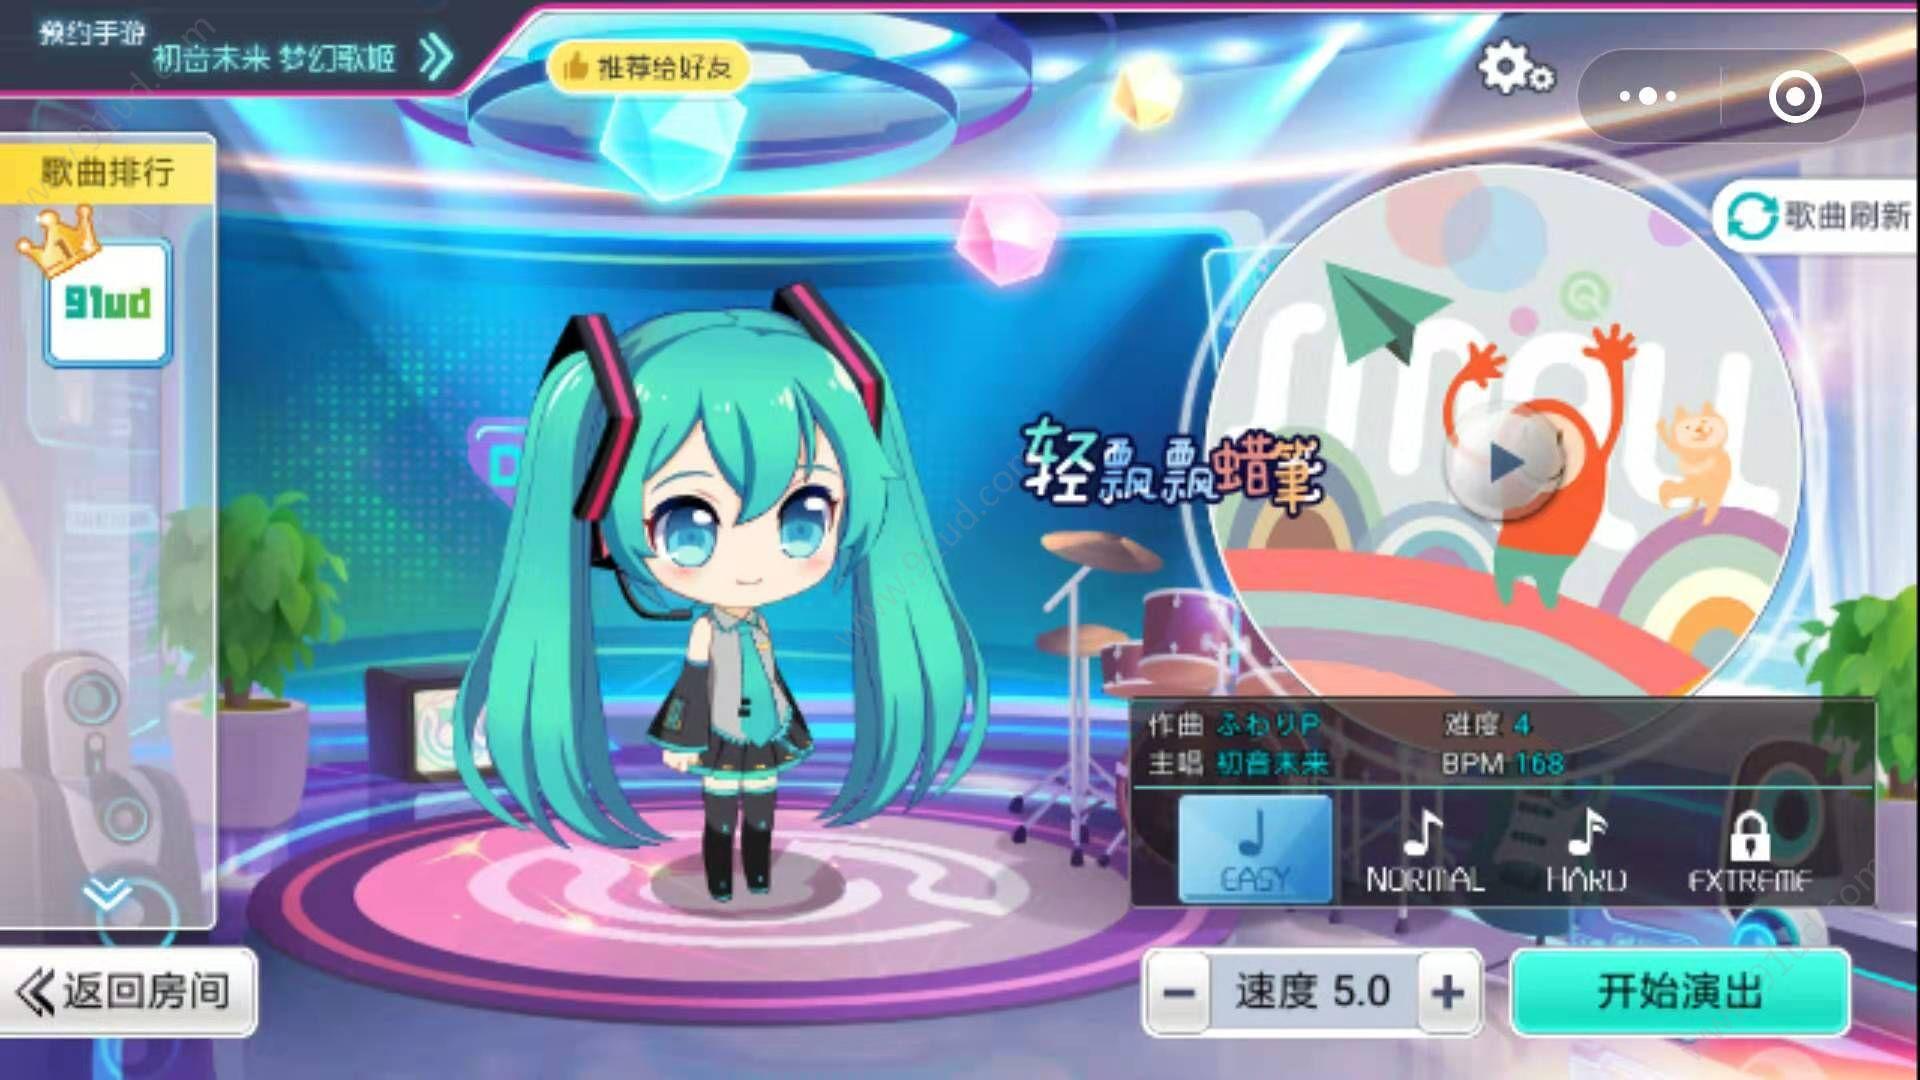 初音未来梦幻歌姬小程序截图